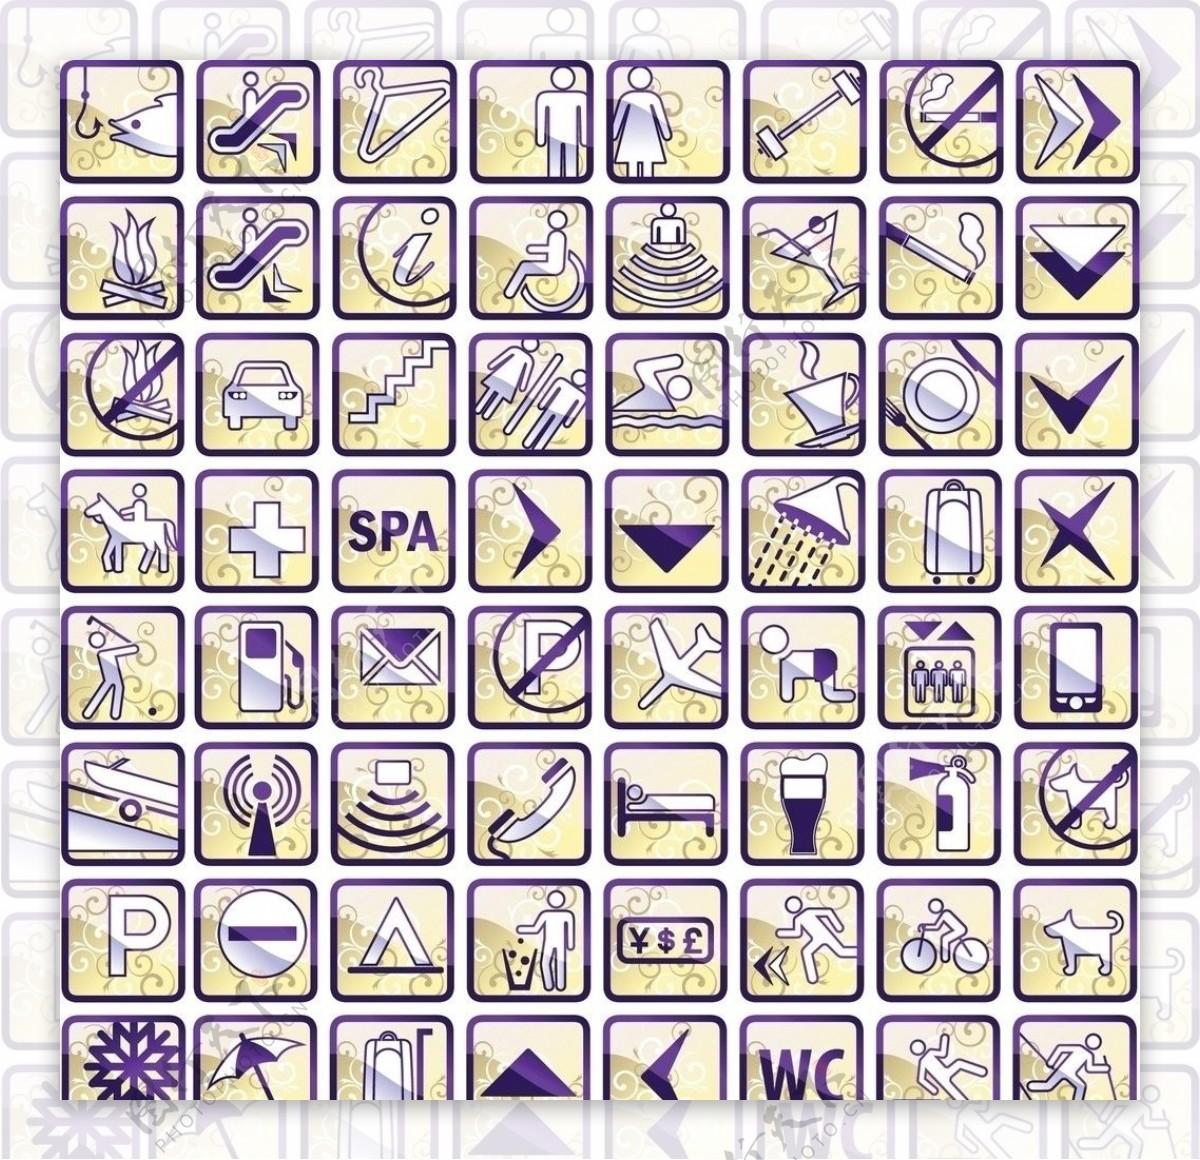 酒店图标图片